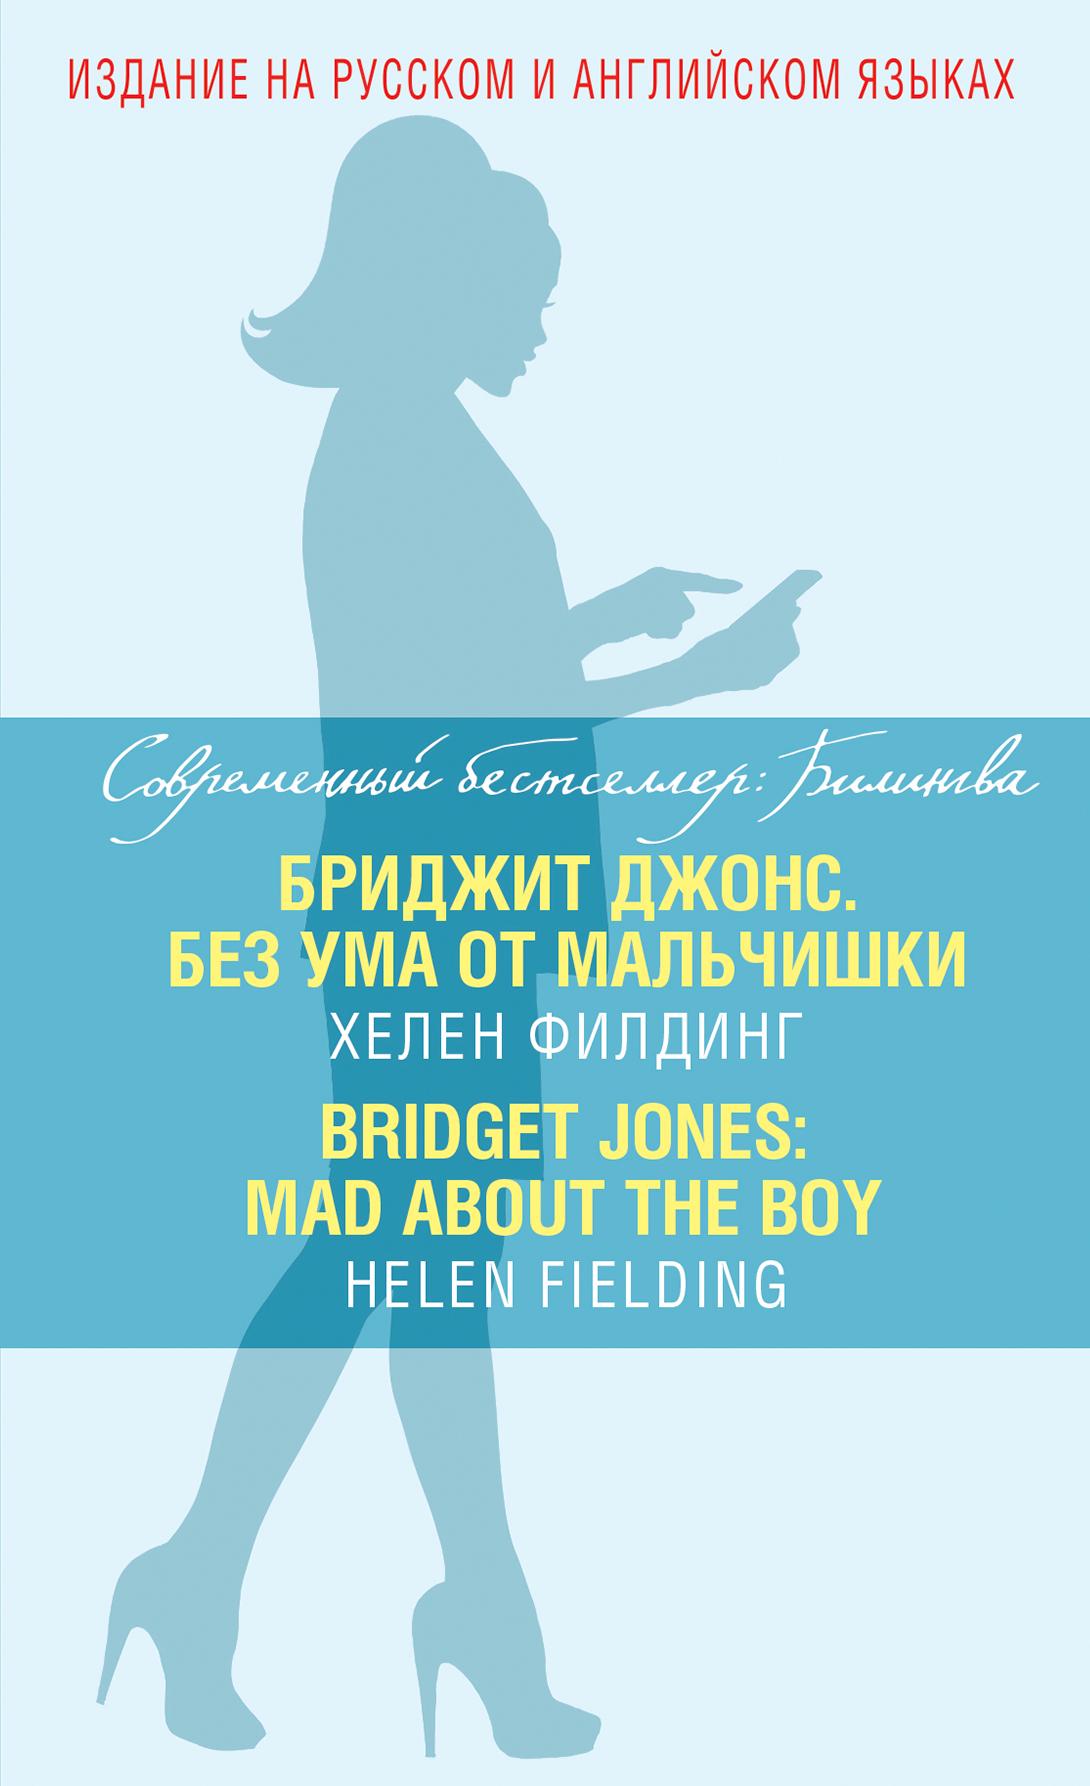 Бриджит Джонс. Без ума от мальчишки = BRIDGET JONES: MAD ABOUT THE BOY ( Филдинг Х.  )